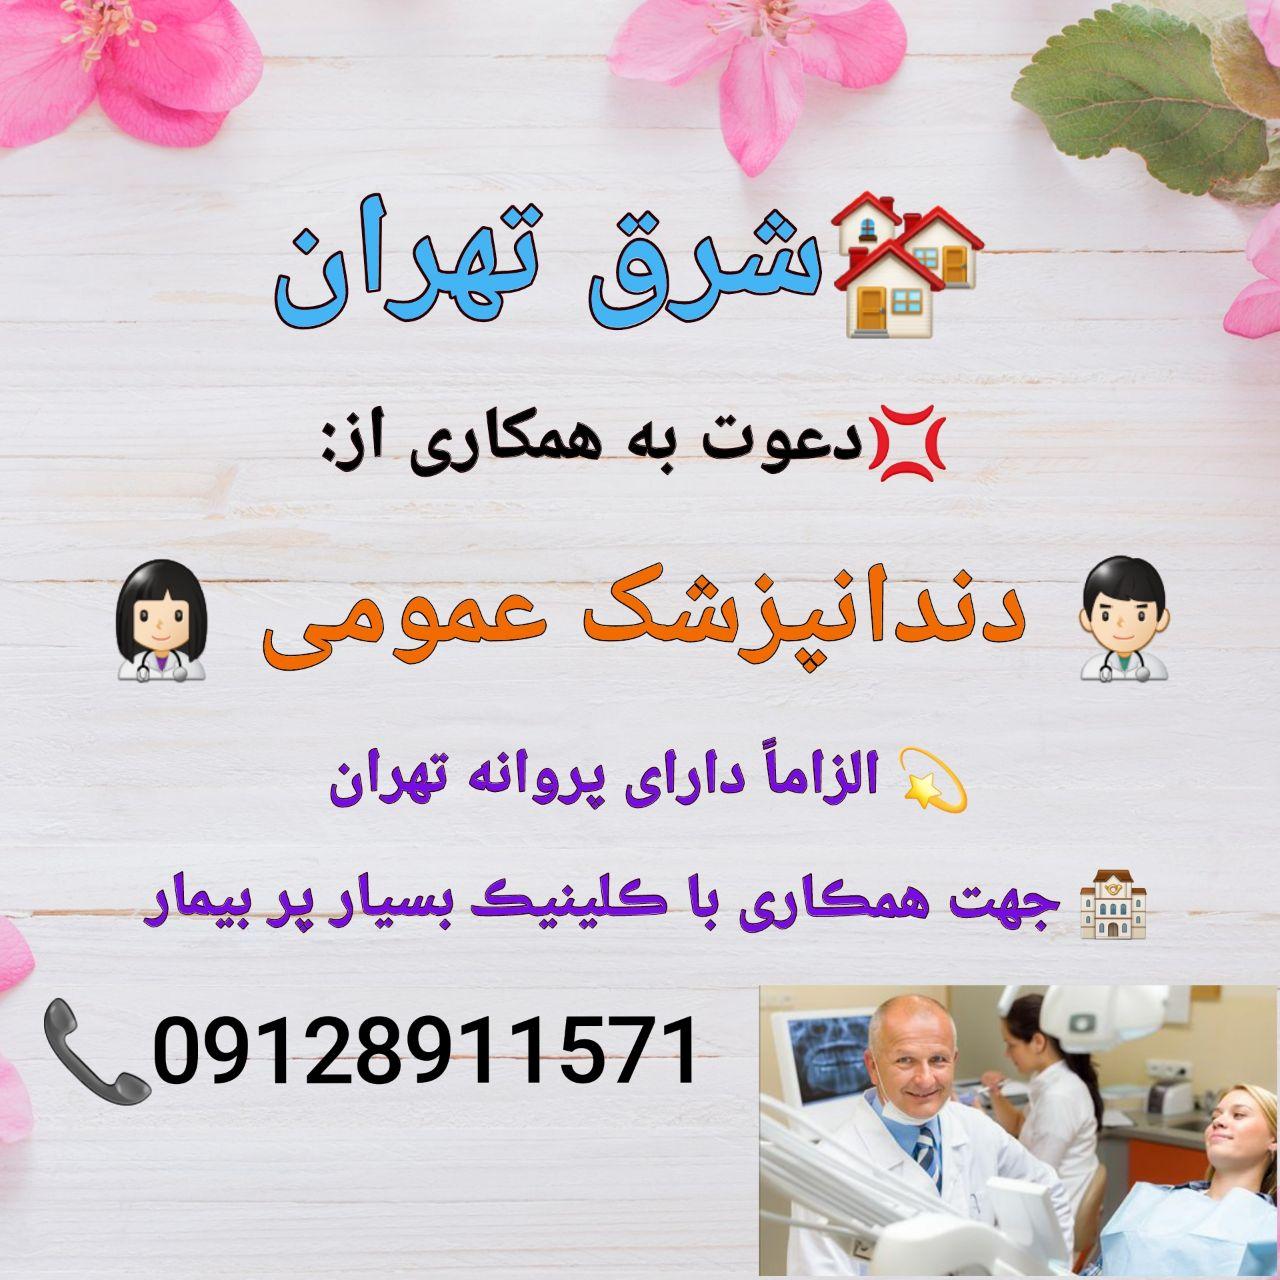 شرق تهران: نیاز به دندانپزشک عمومی